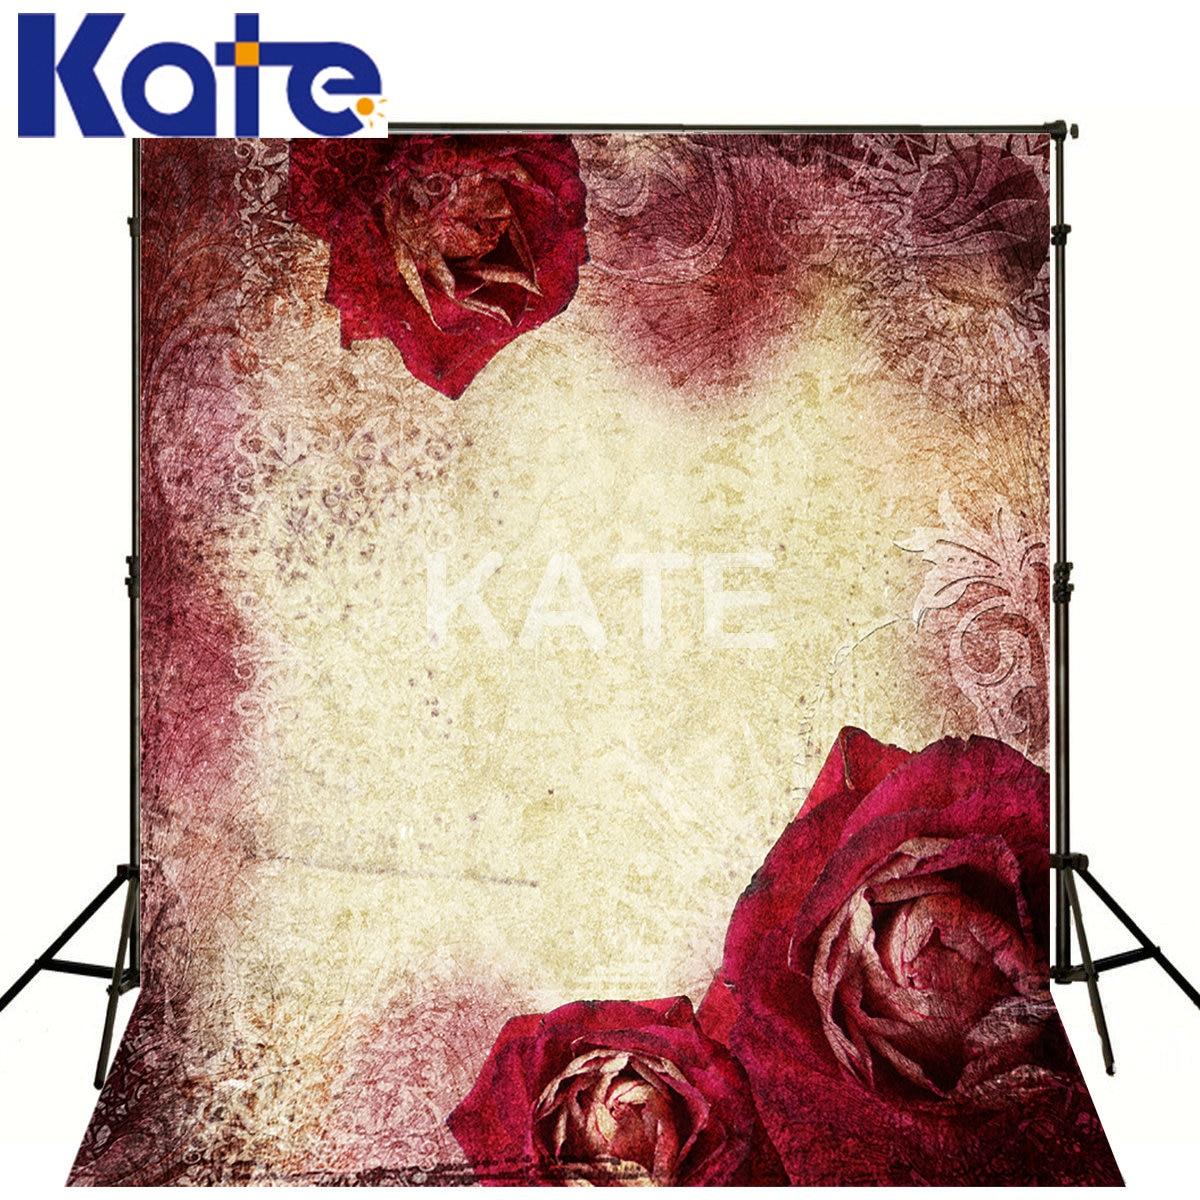 Kate écran vert rétro Simple fond blanc fleur rouge Kate photographie Studio arrière-plans